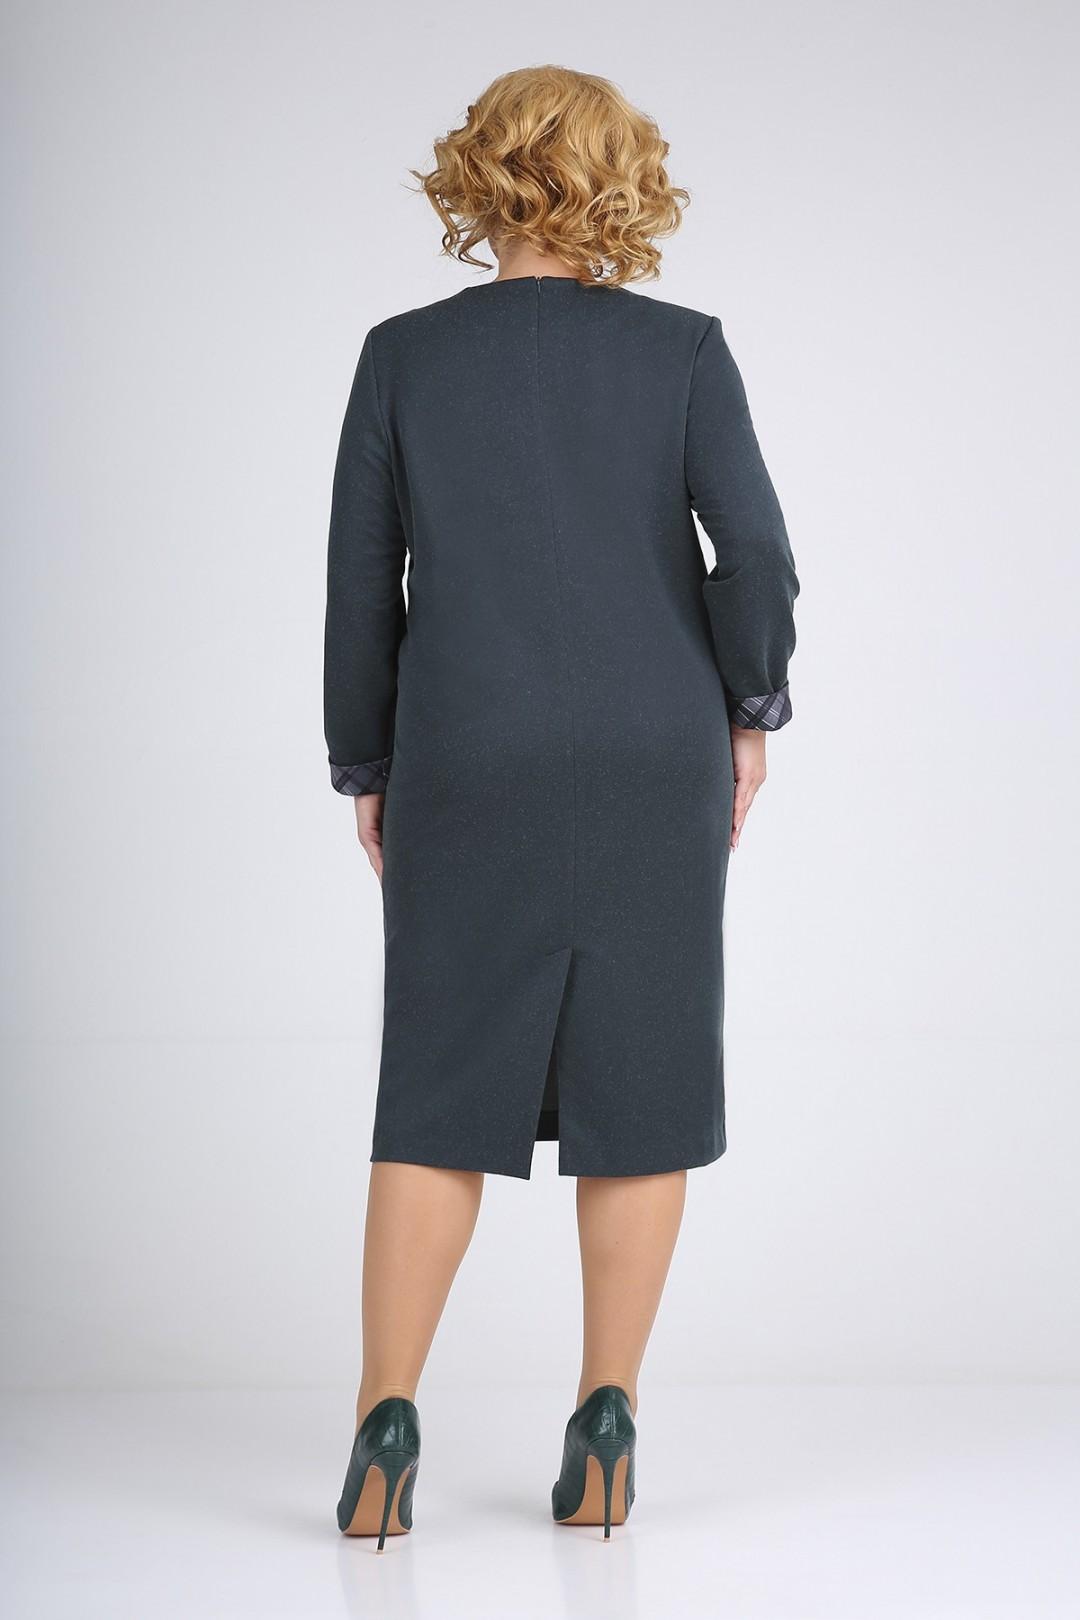 Платье Ивелта плюс ИВ-1770